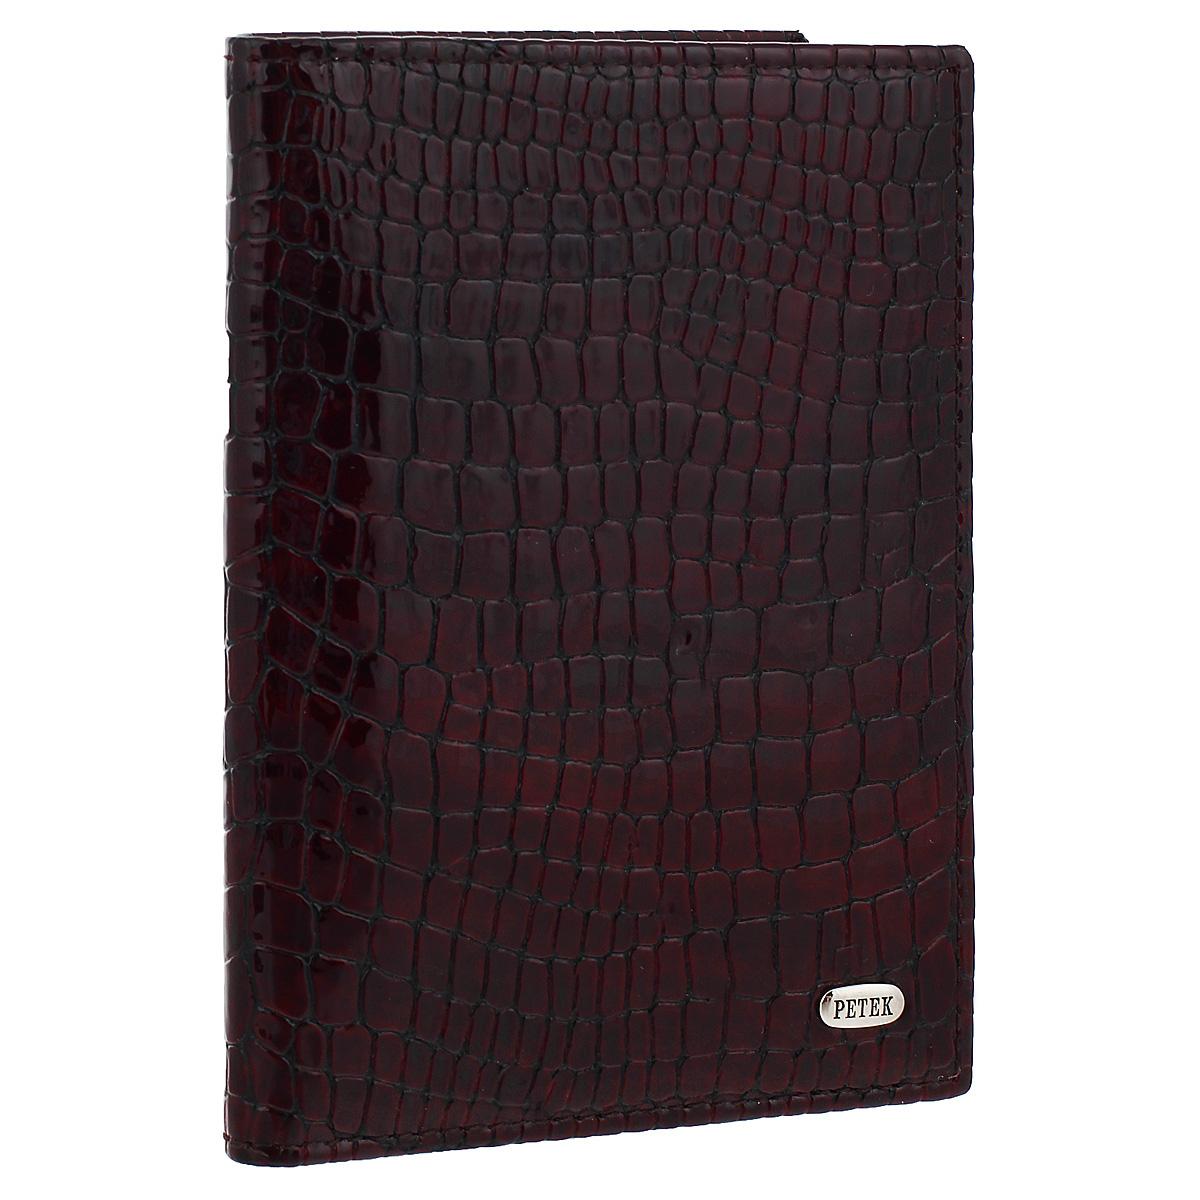 Обложка на автодокументы Burgundy, цвет: баклажан. 584.091.03SC-FD421005Обложка на автодокументы Burgundy, выполненная из натуральной лаковой кожи, не только поможет сохранить внешний вид ваших документов и защитит их от повреждений, но и станет стильным аксессуаром, идеально подходящим вашему образу. Внутри четыре прорезных кармана для кредитных карт, удобный блок для водительских документов из прозрачного пластика и пять карманов для бумаг из прозрачного пластика.Такая обложка станет замечательным подарком человеку, ценящему качественные и практичные вещи. Характеристики:Материал: натуральная кожа, пластик. Размер обложки: 9 см х 12,5 см х 1 см. Цвет: баклажан.